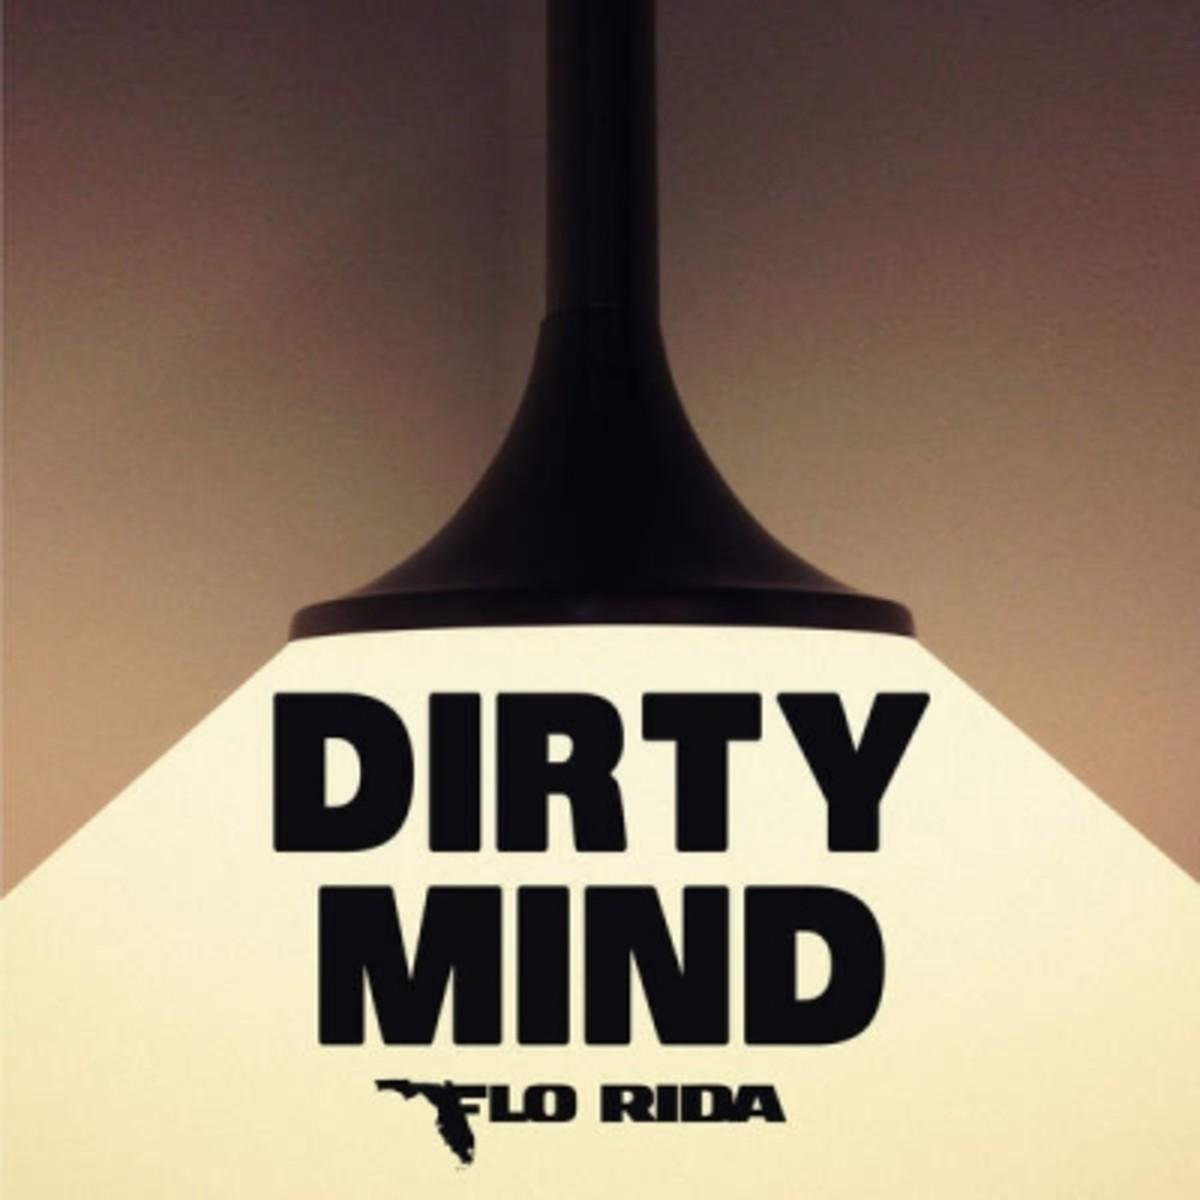 flo-rida-dirty-mind.jpg